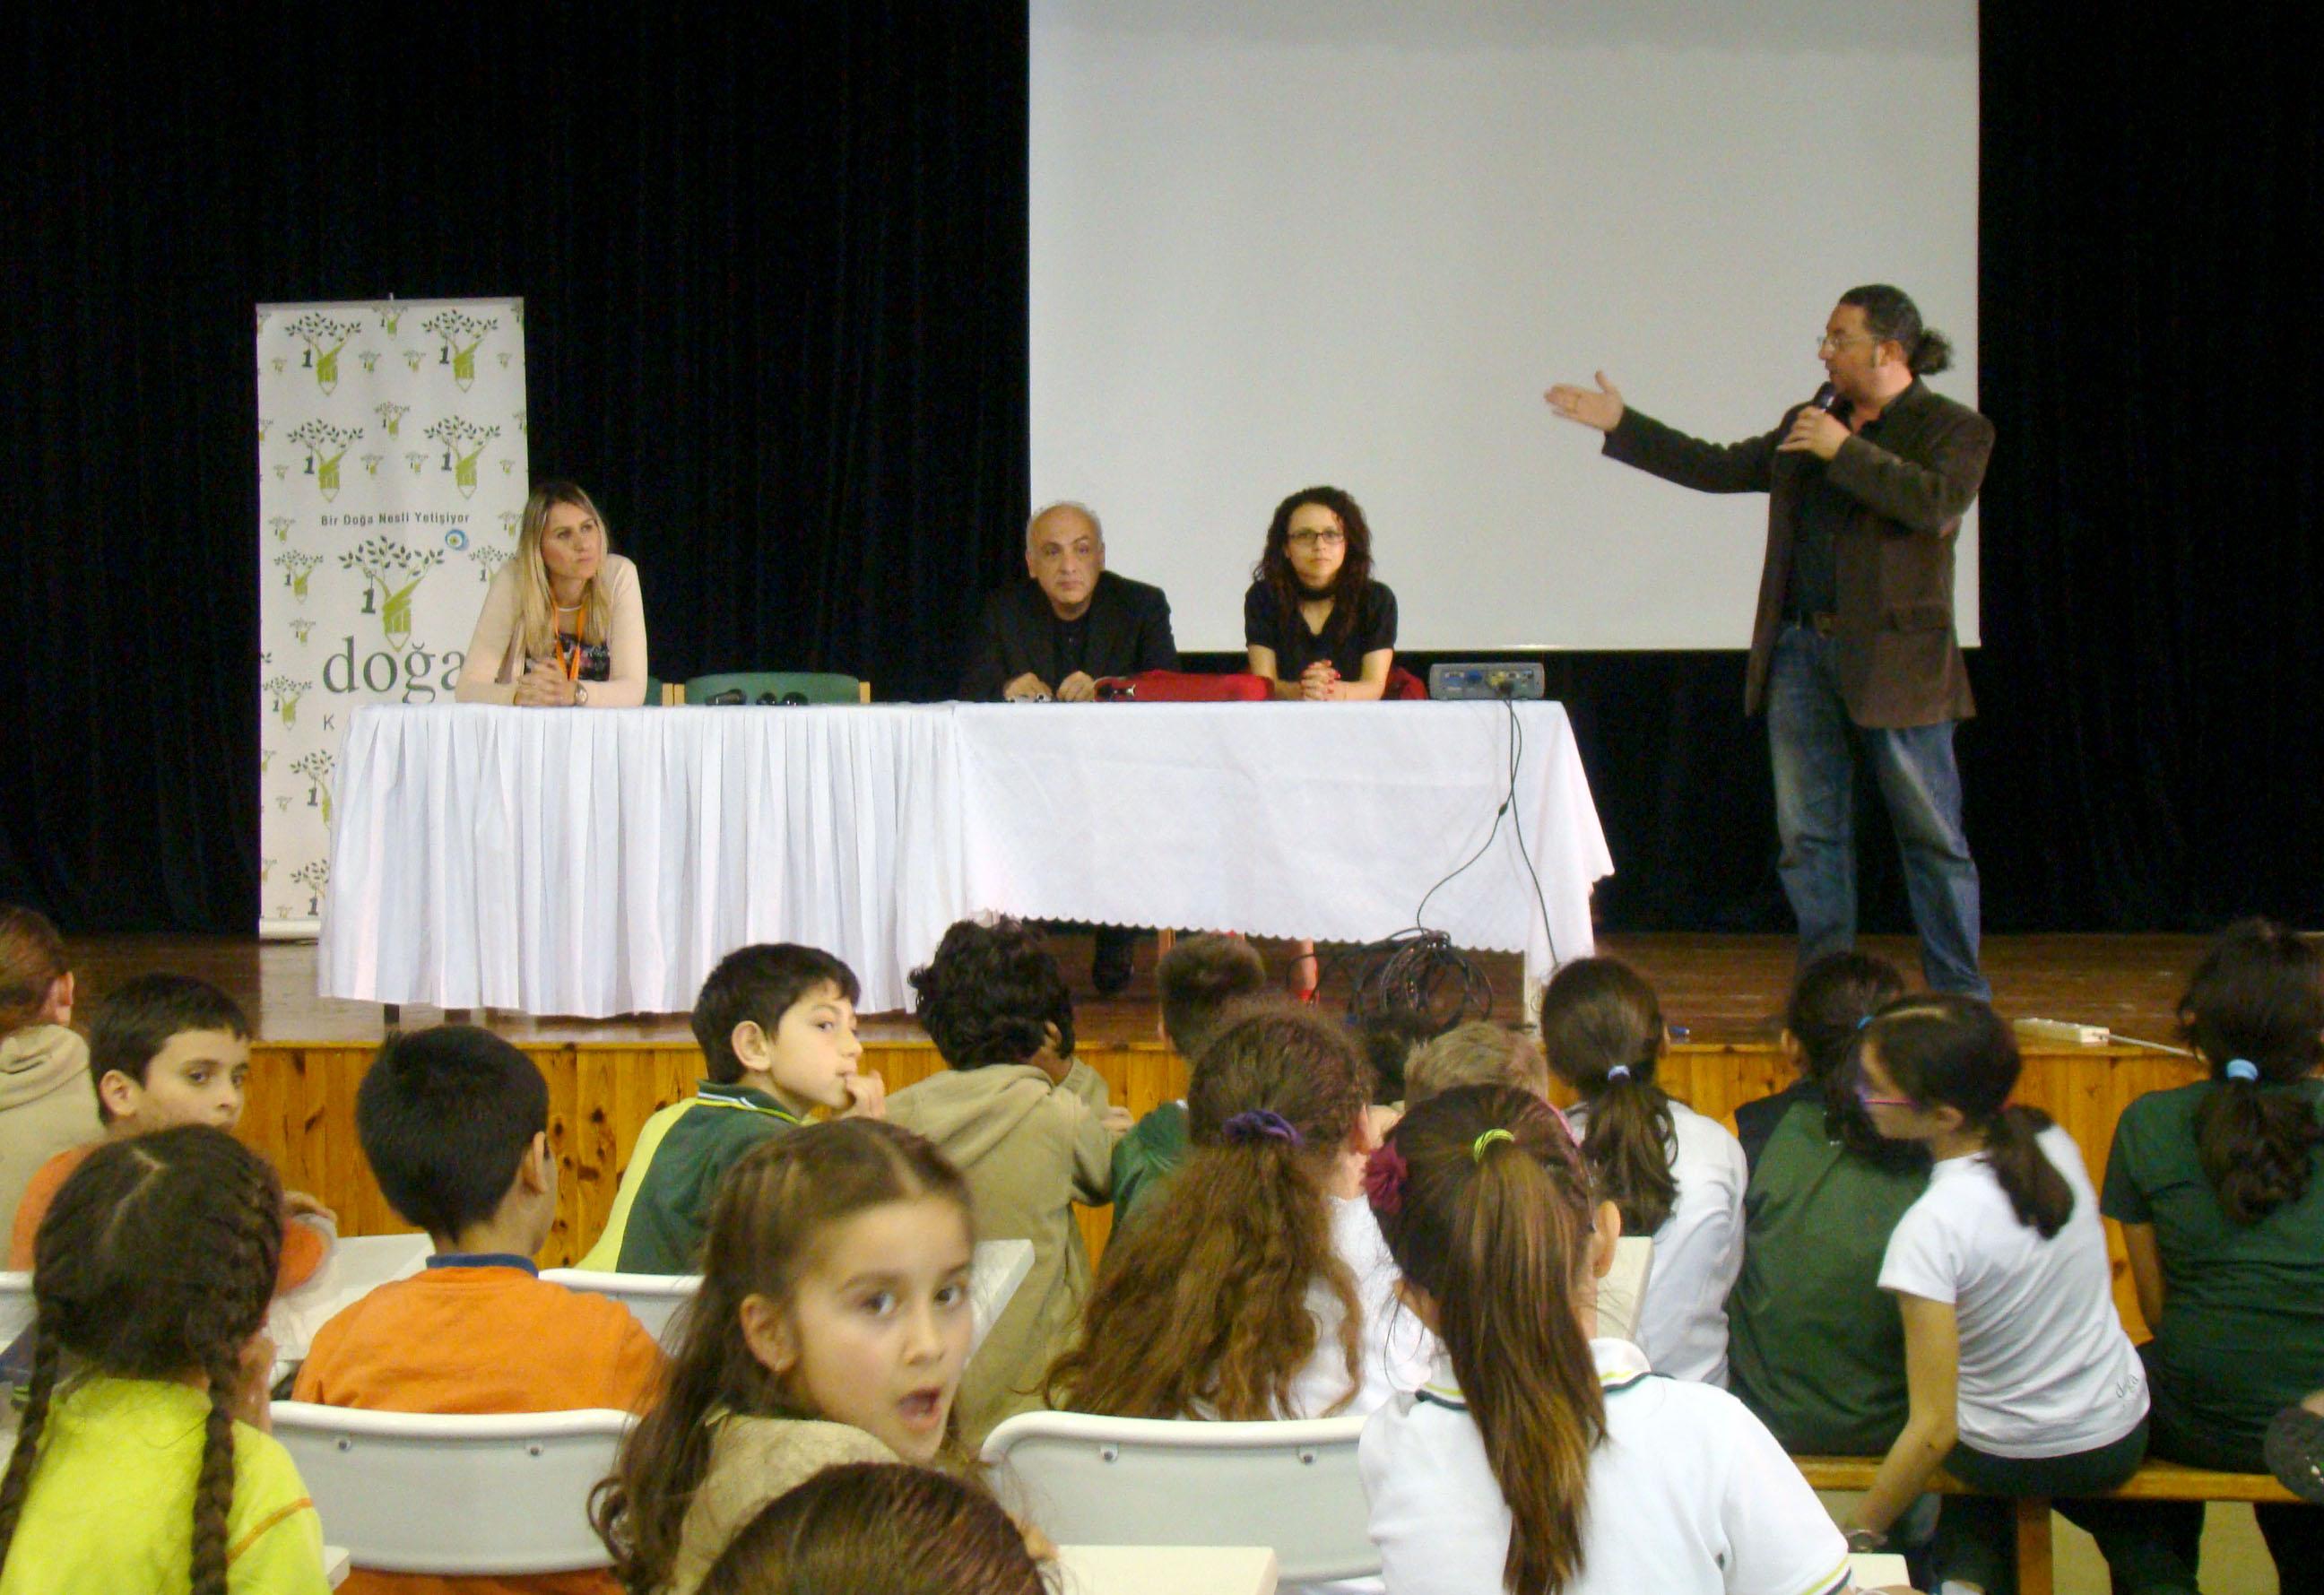 Hasan Çakmak'ın sesli kitabı Doğa İlkokulu öğrencilerine tanıtıldı.